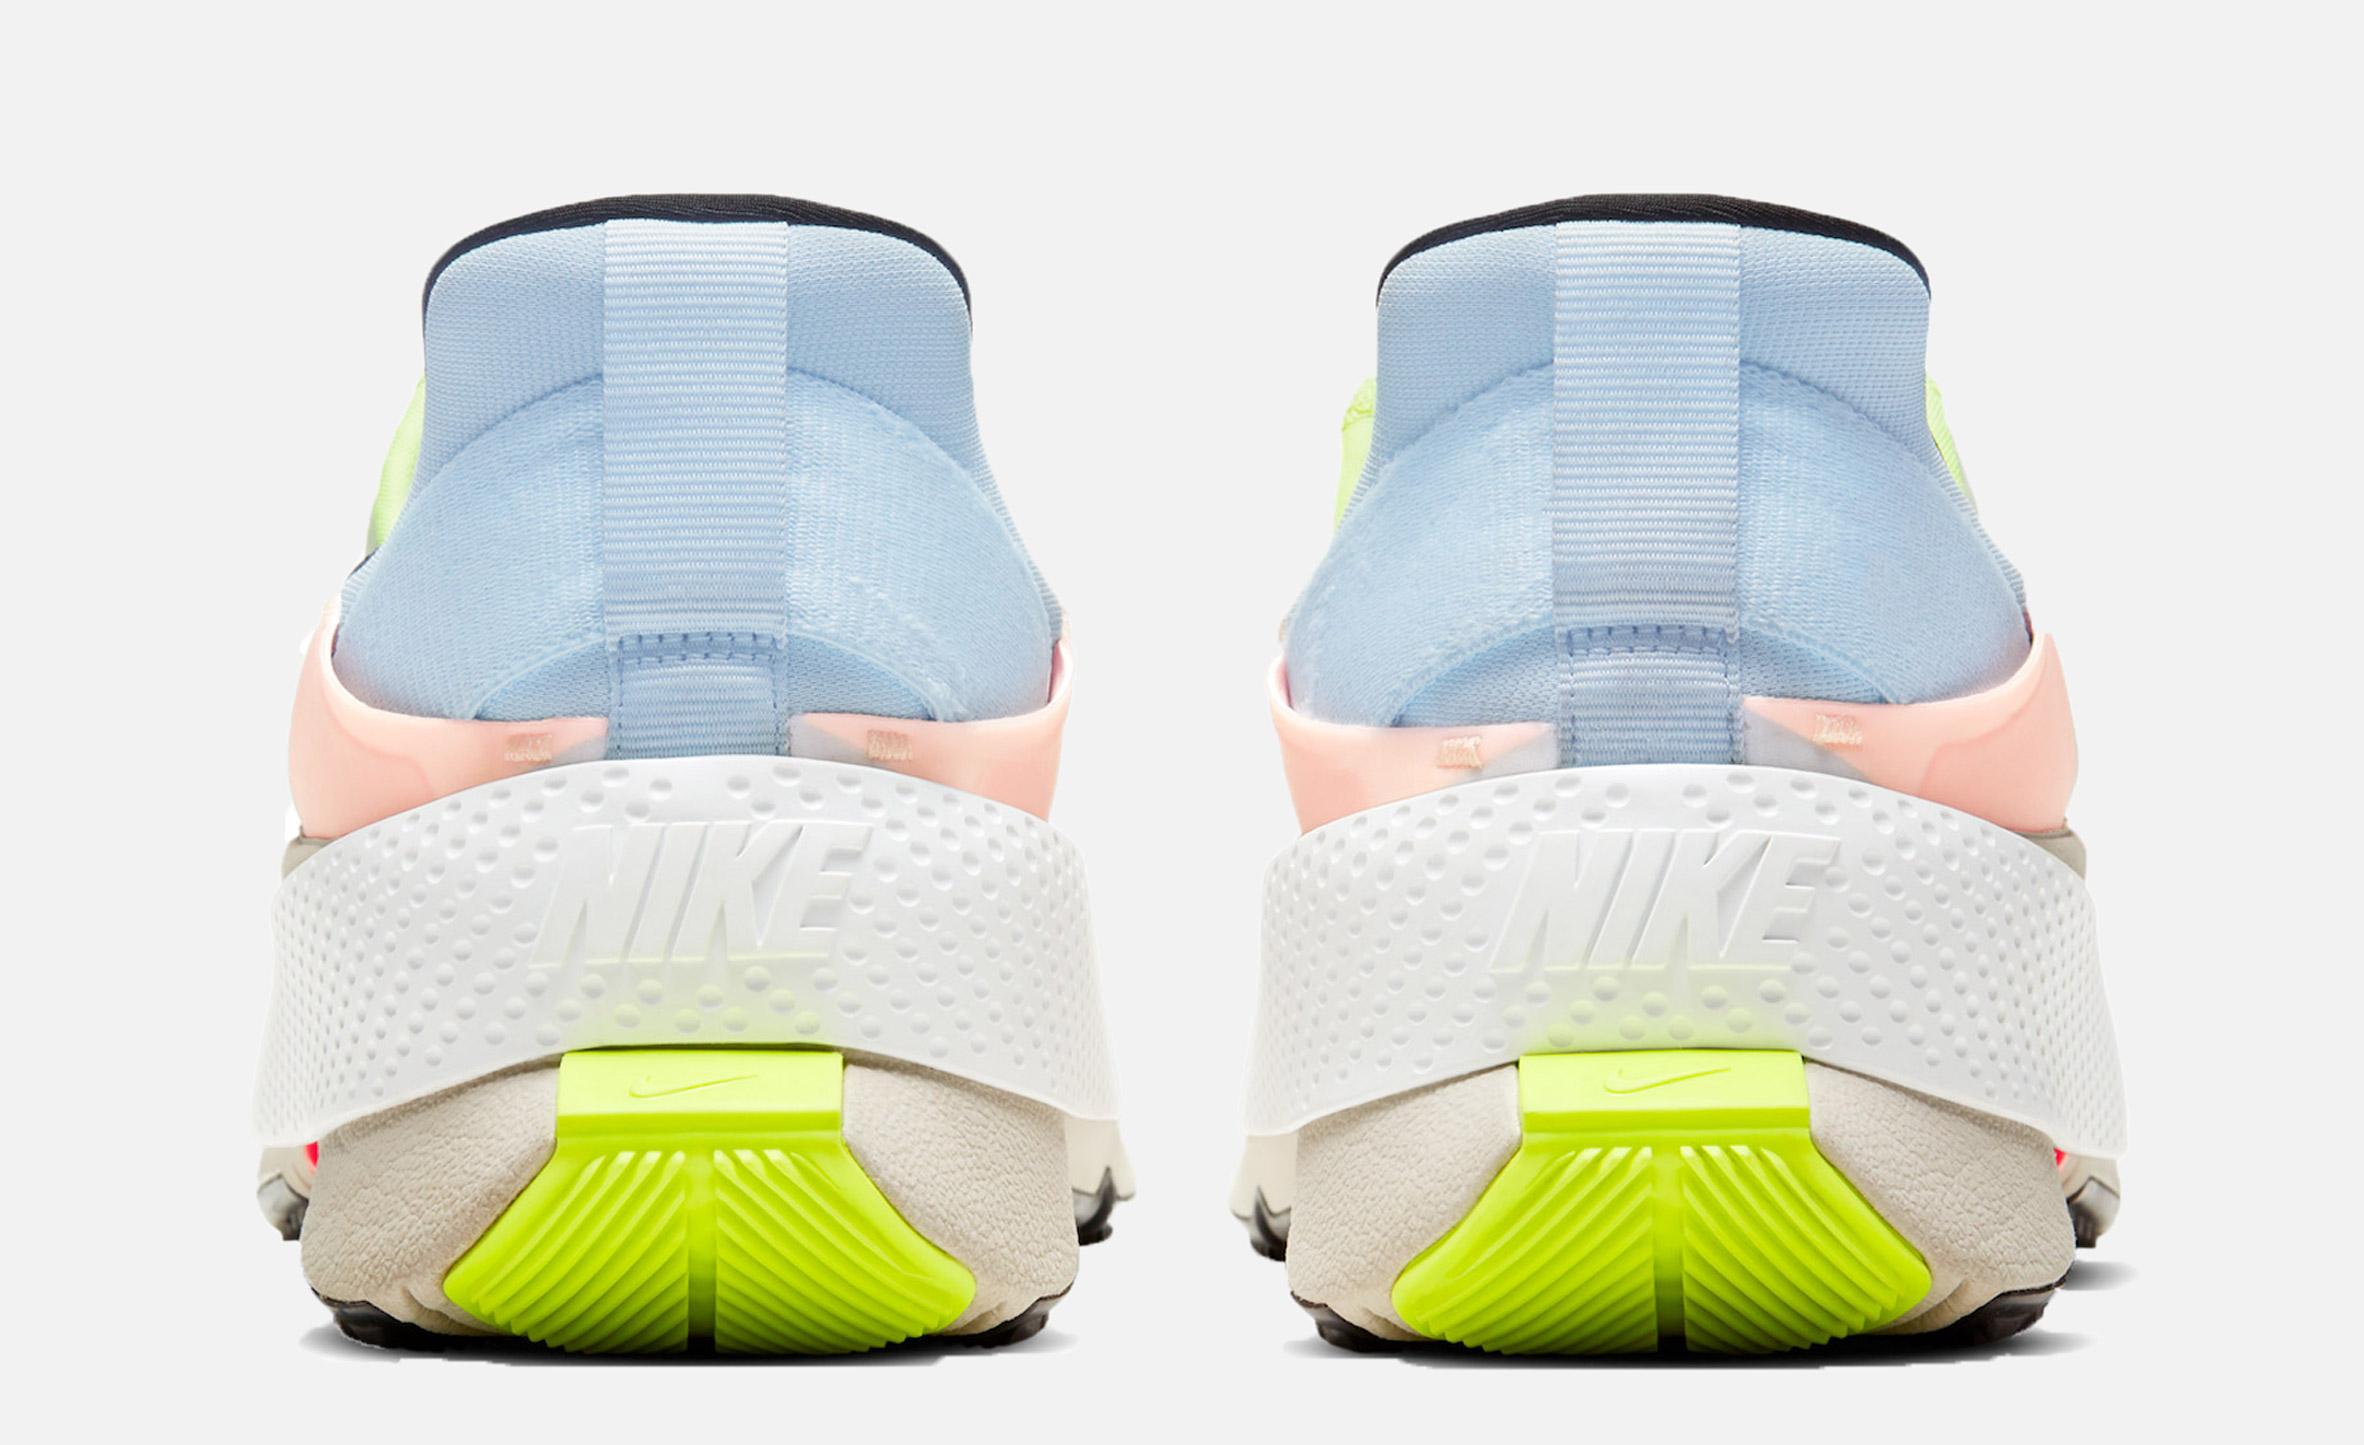 Kickstand heel in Nike trainer